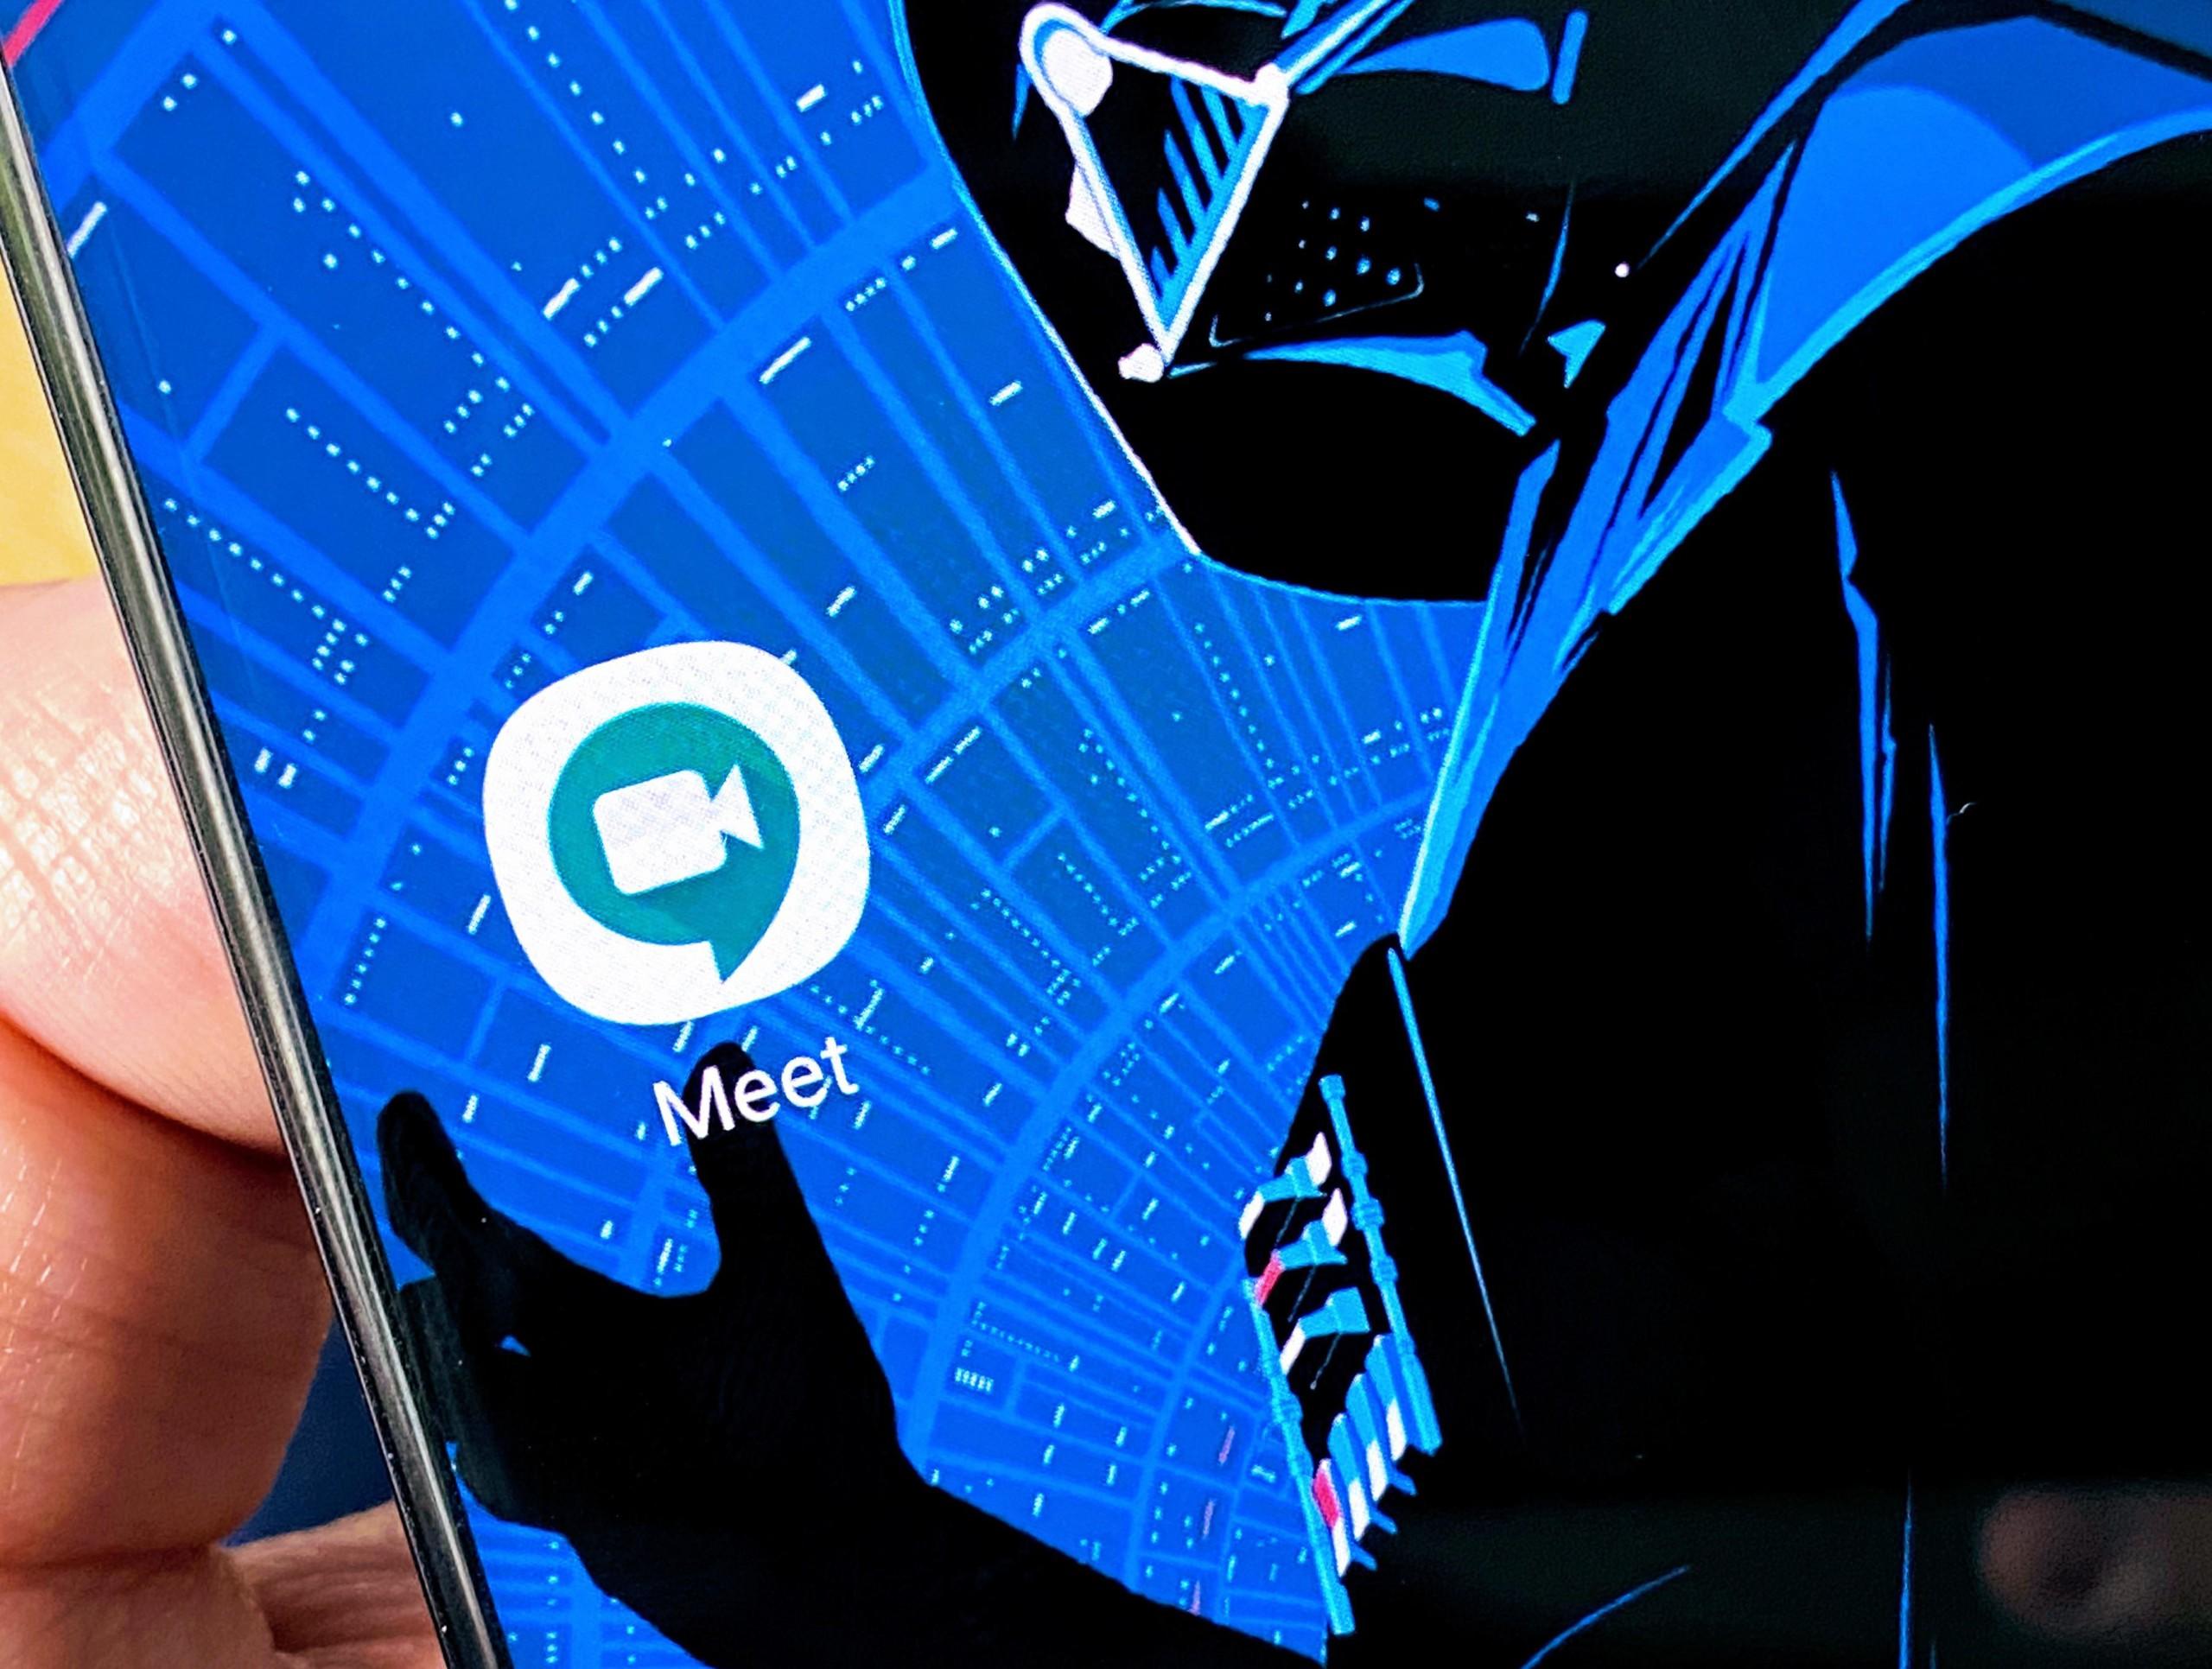 Google Meet pourrait remplacer Google Duo, mais pas tout de suite